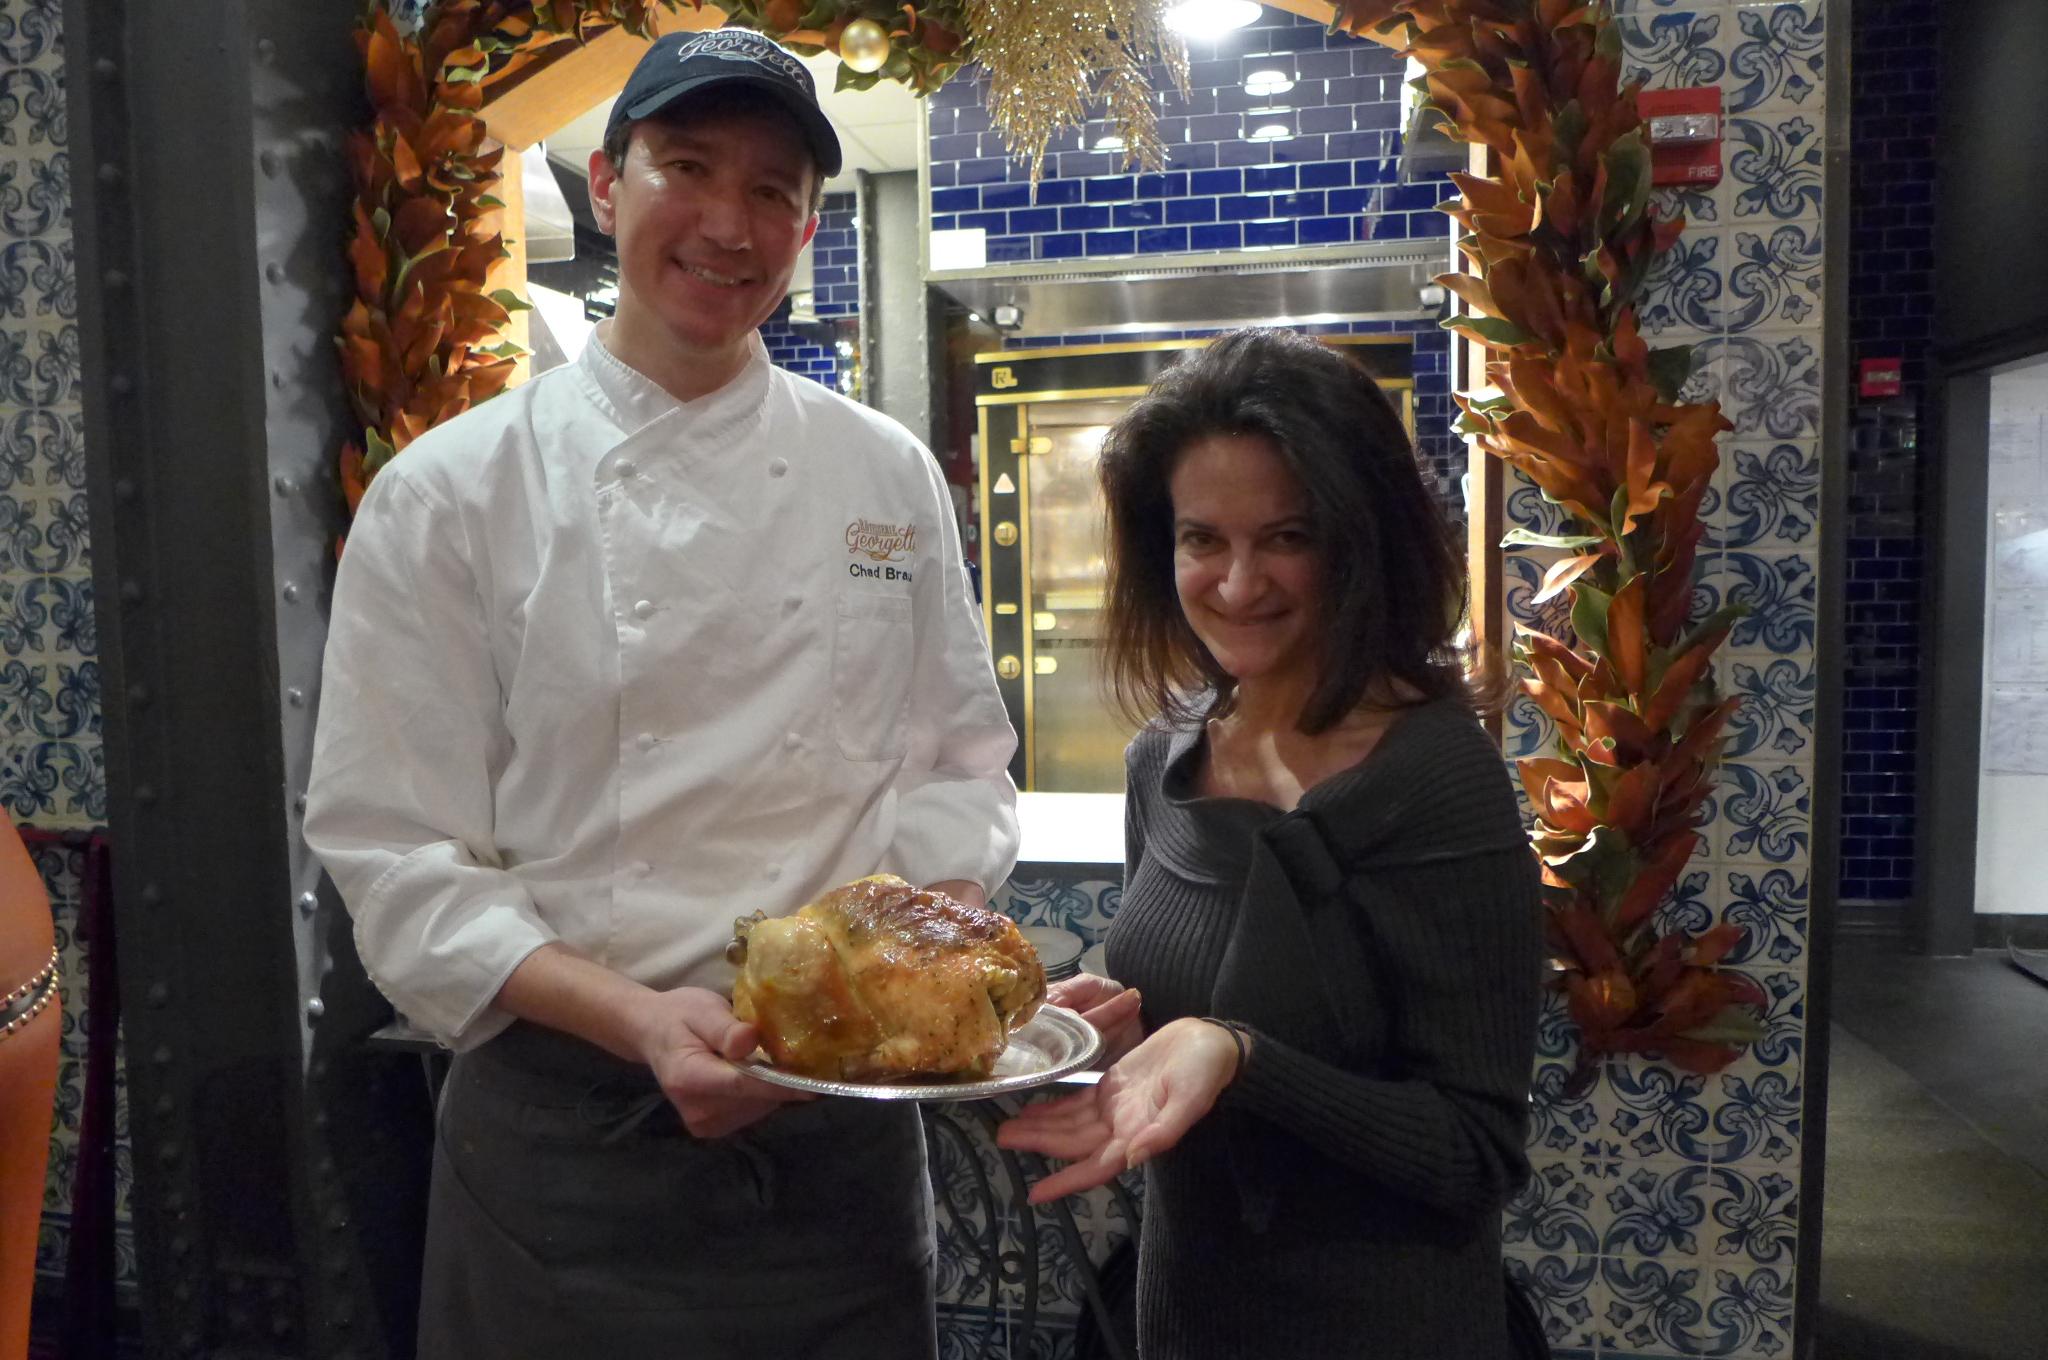 R tisserie georgette restaurant new york un bon poulet for Dans nos coeurs 35